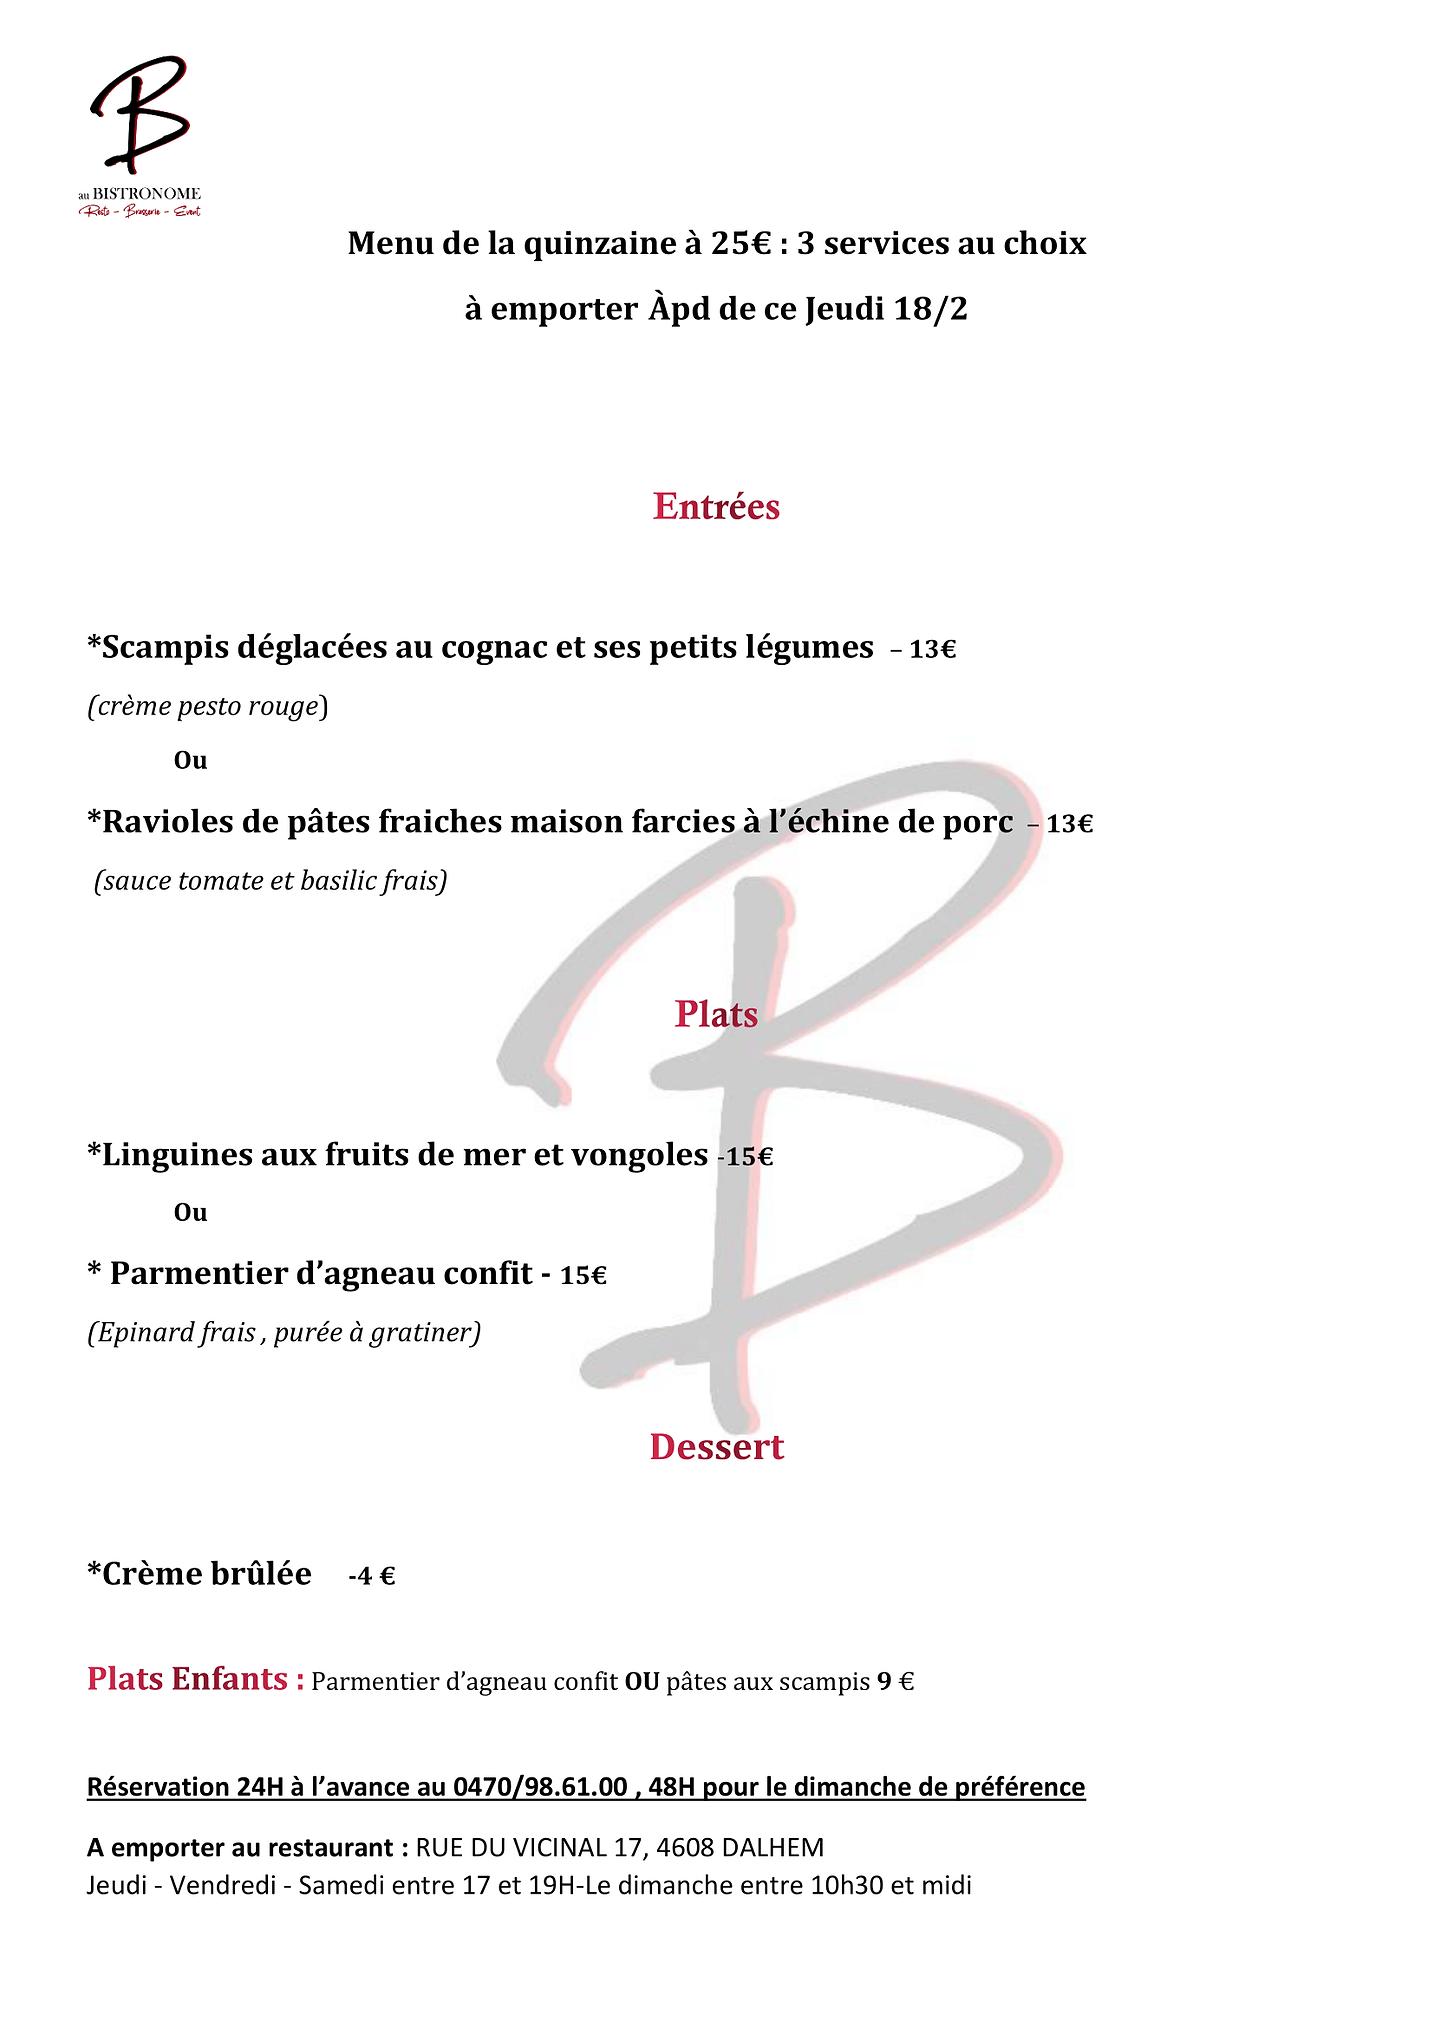 menu à emporter 21 fevrier2-1.png